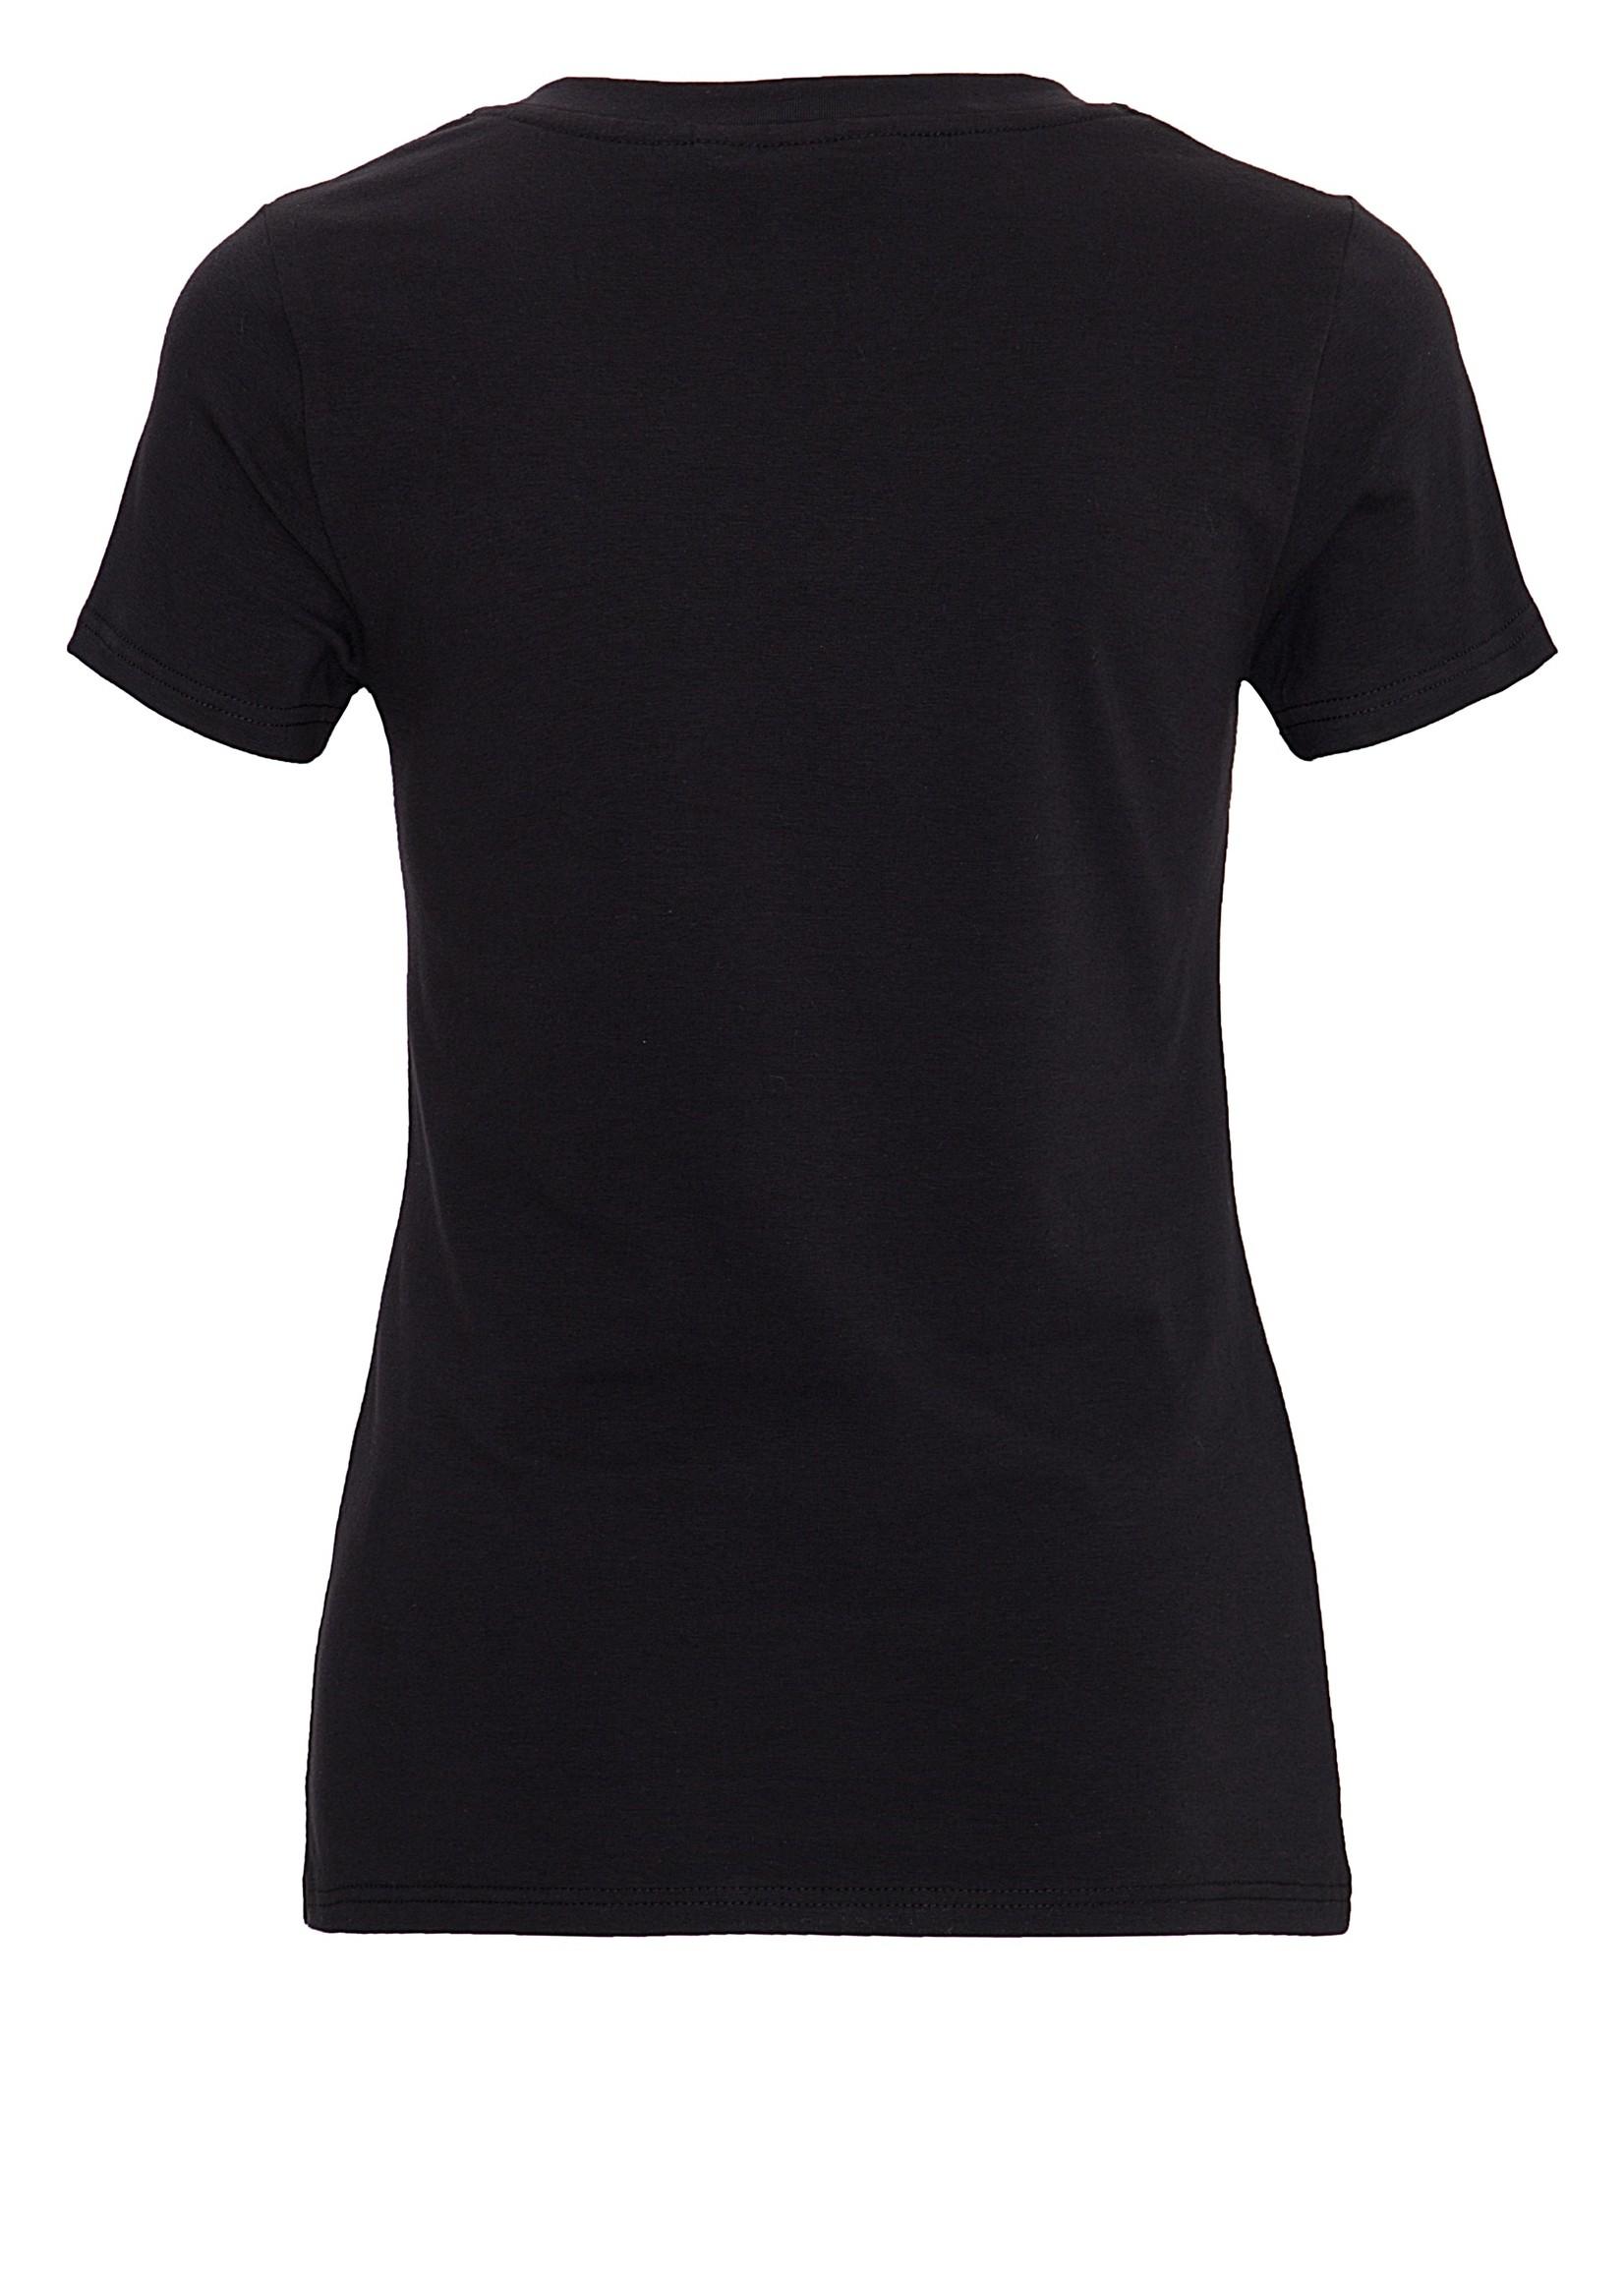 Queen Kerosin Queen Kerosin 50s T-Shirt Love Your Taste in Black